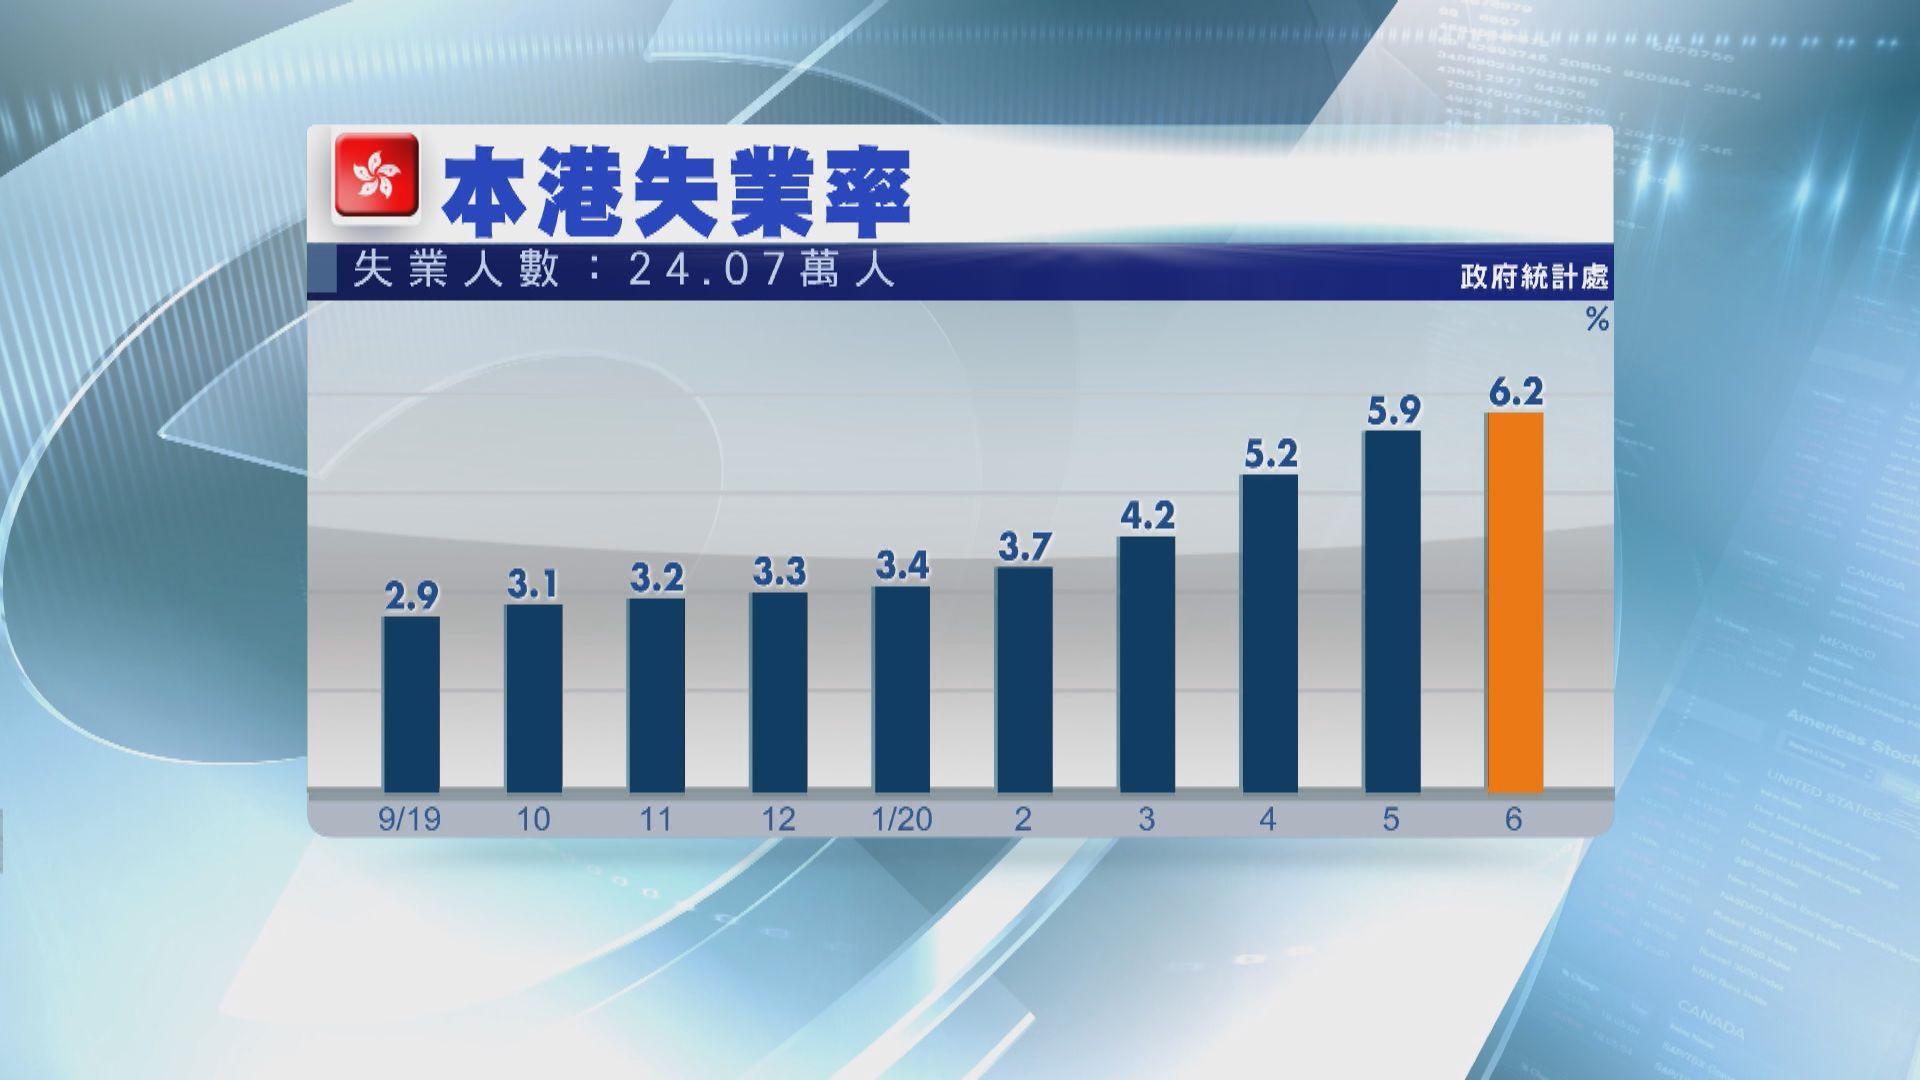 本港失業率6.2% 失業人數逾24萬